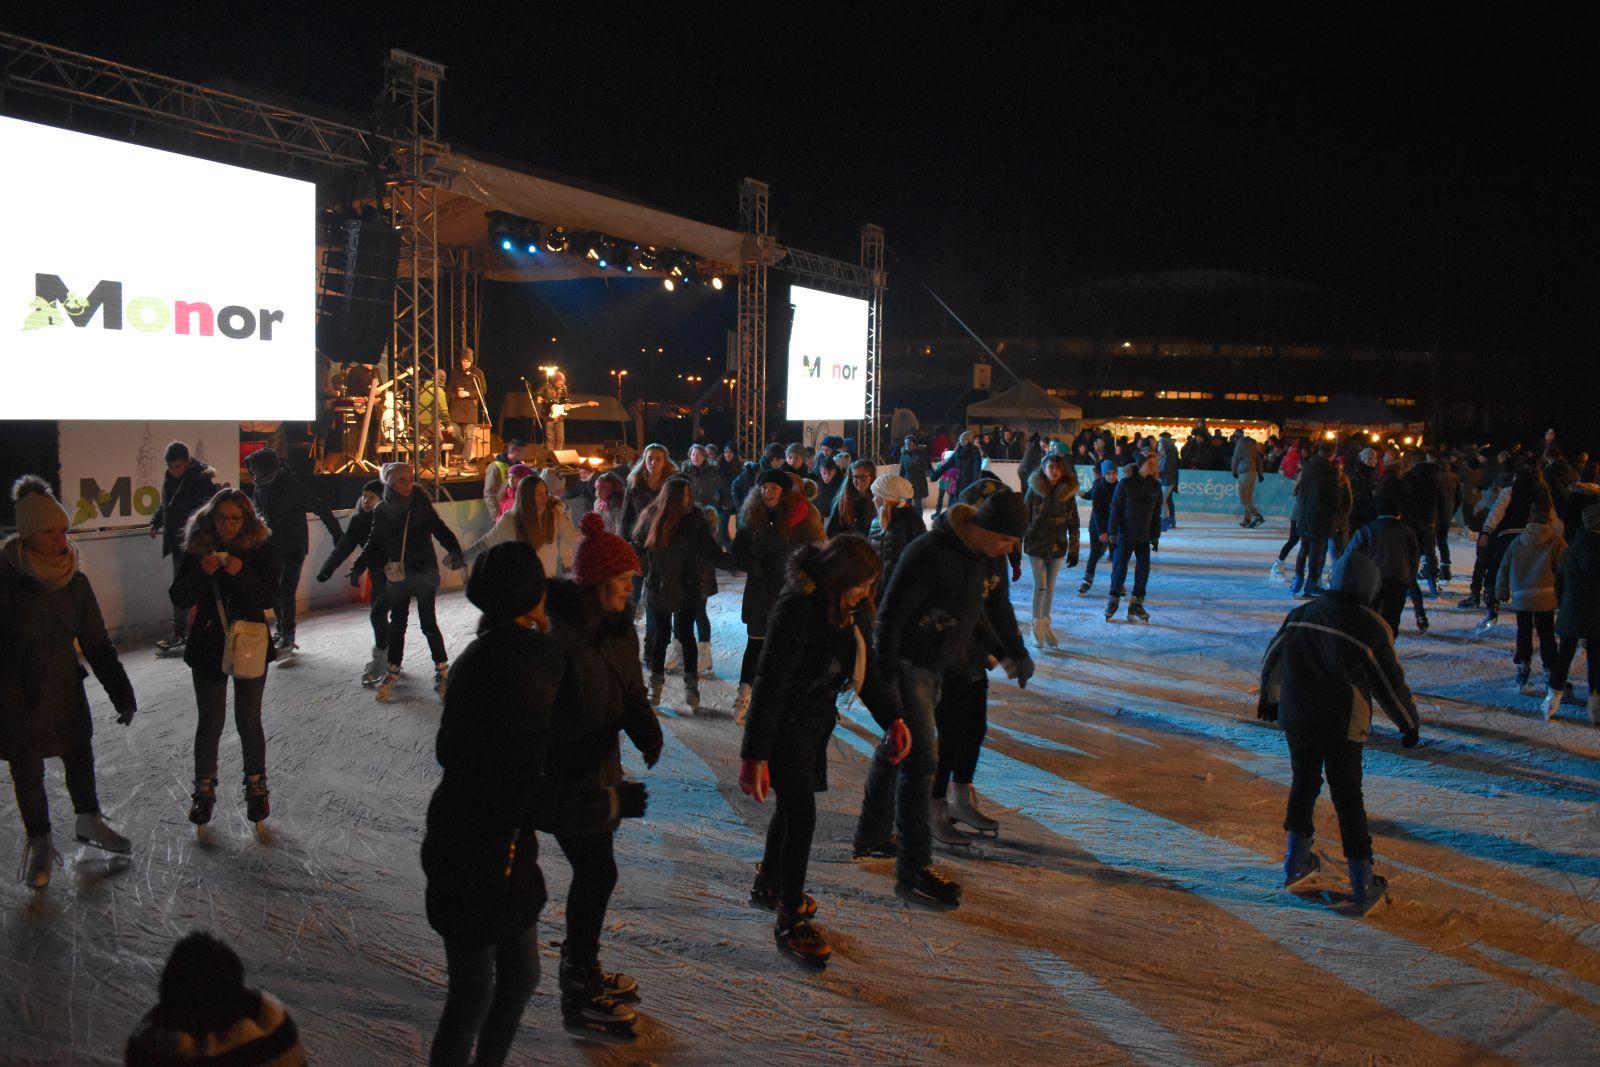 UPC-Monor Jégfesztivál nyitotta meg a korcsolyaszezont